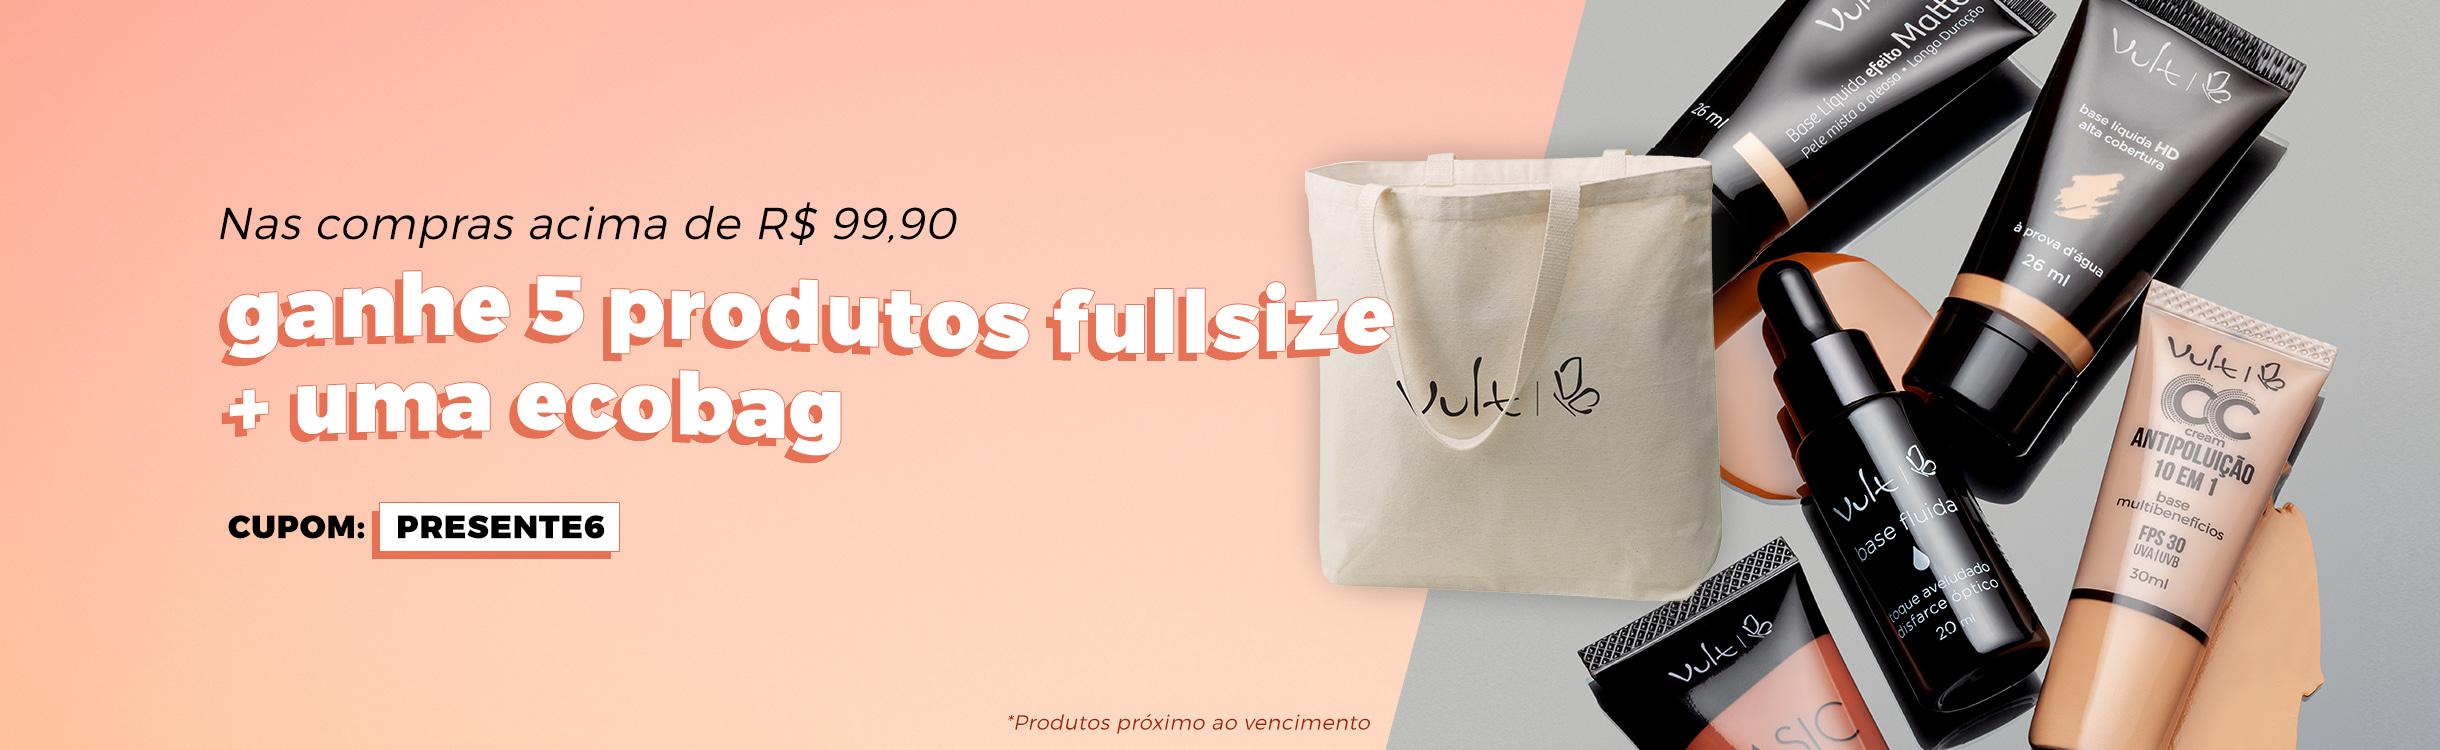 Ganhe 5 produtos full size + ecobag nas compras acima de R$ 99,90